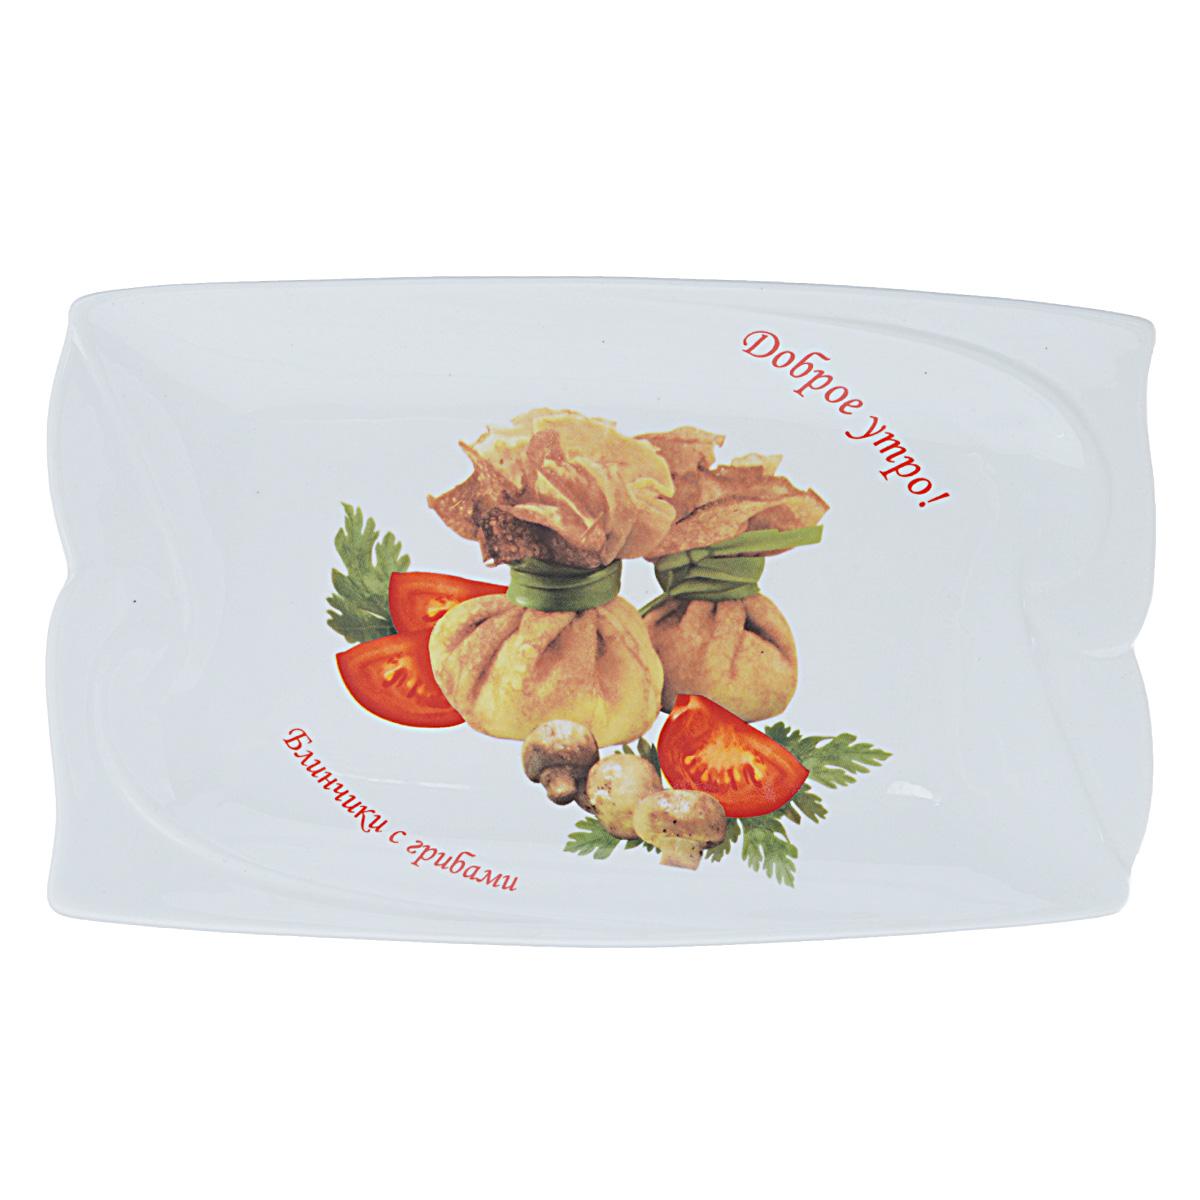 Блюдо LarangE Блинчики с грибами, цвет: белый, 24,5 х 15 см589-323Блюдо LarangE Блинчики с грибами изготовлено из высококачественной керамики. Изделие украшено изображением блинчиков.Пусть ваше утро начинается с незабываемого завтрака!Можно использовать в СВЧ печах, духовом шкафу и холодильнике. Не применять абразивные чистящие вещества.Размер блюда: 24,5 см х 15 см х 1,5 см.